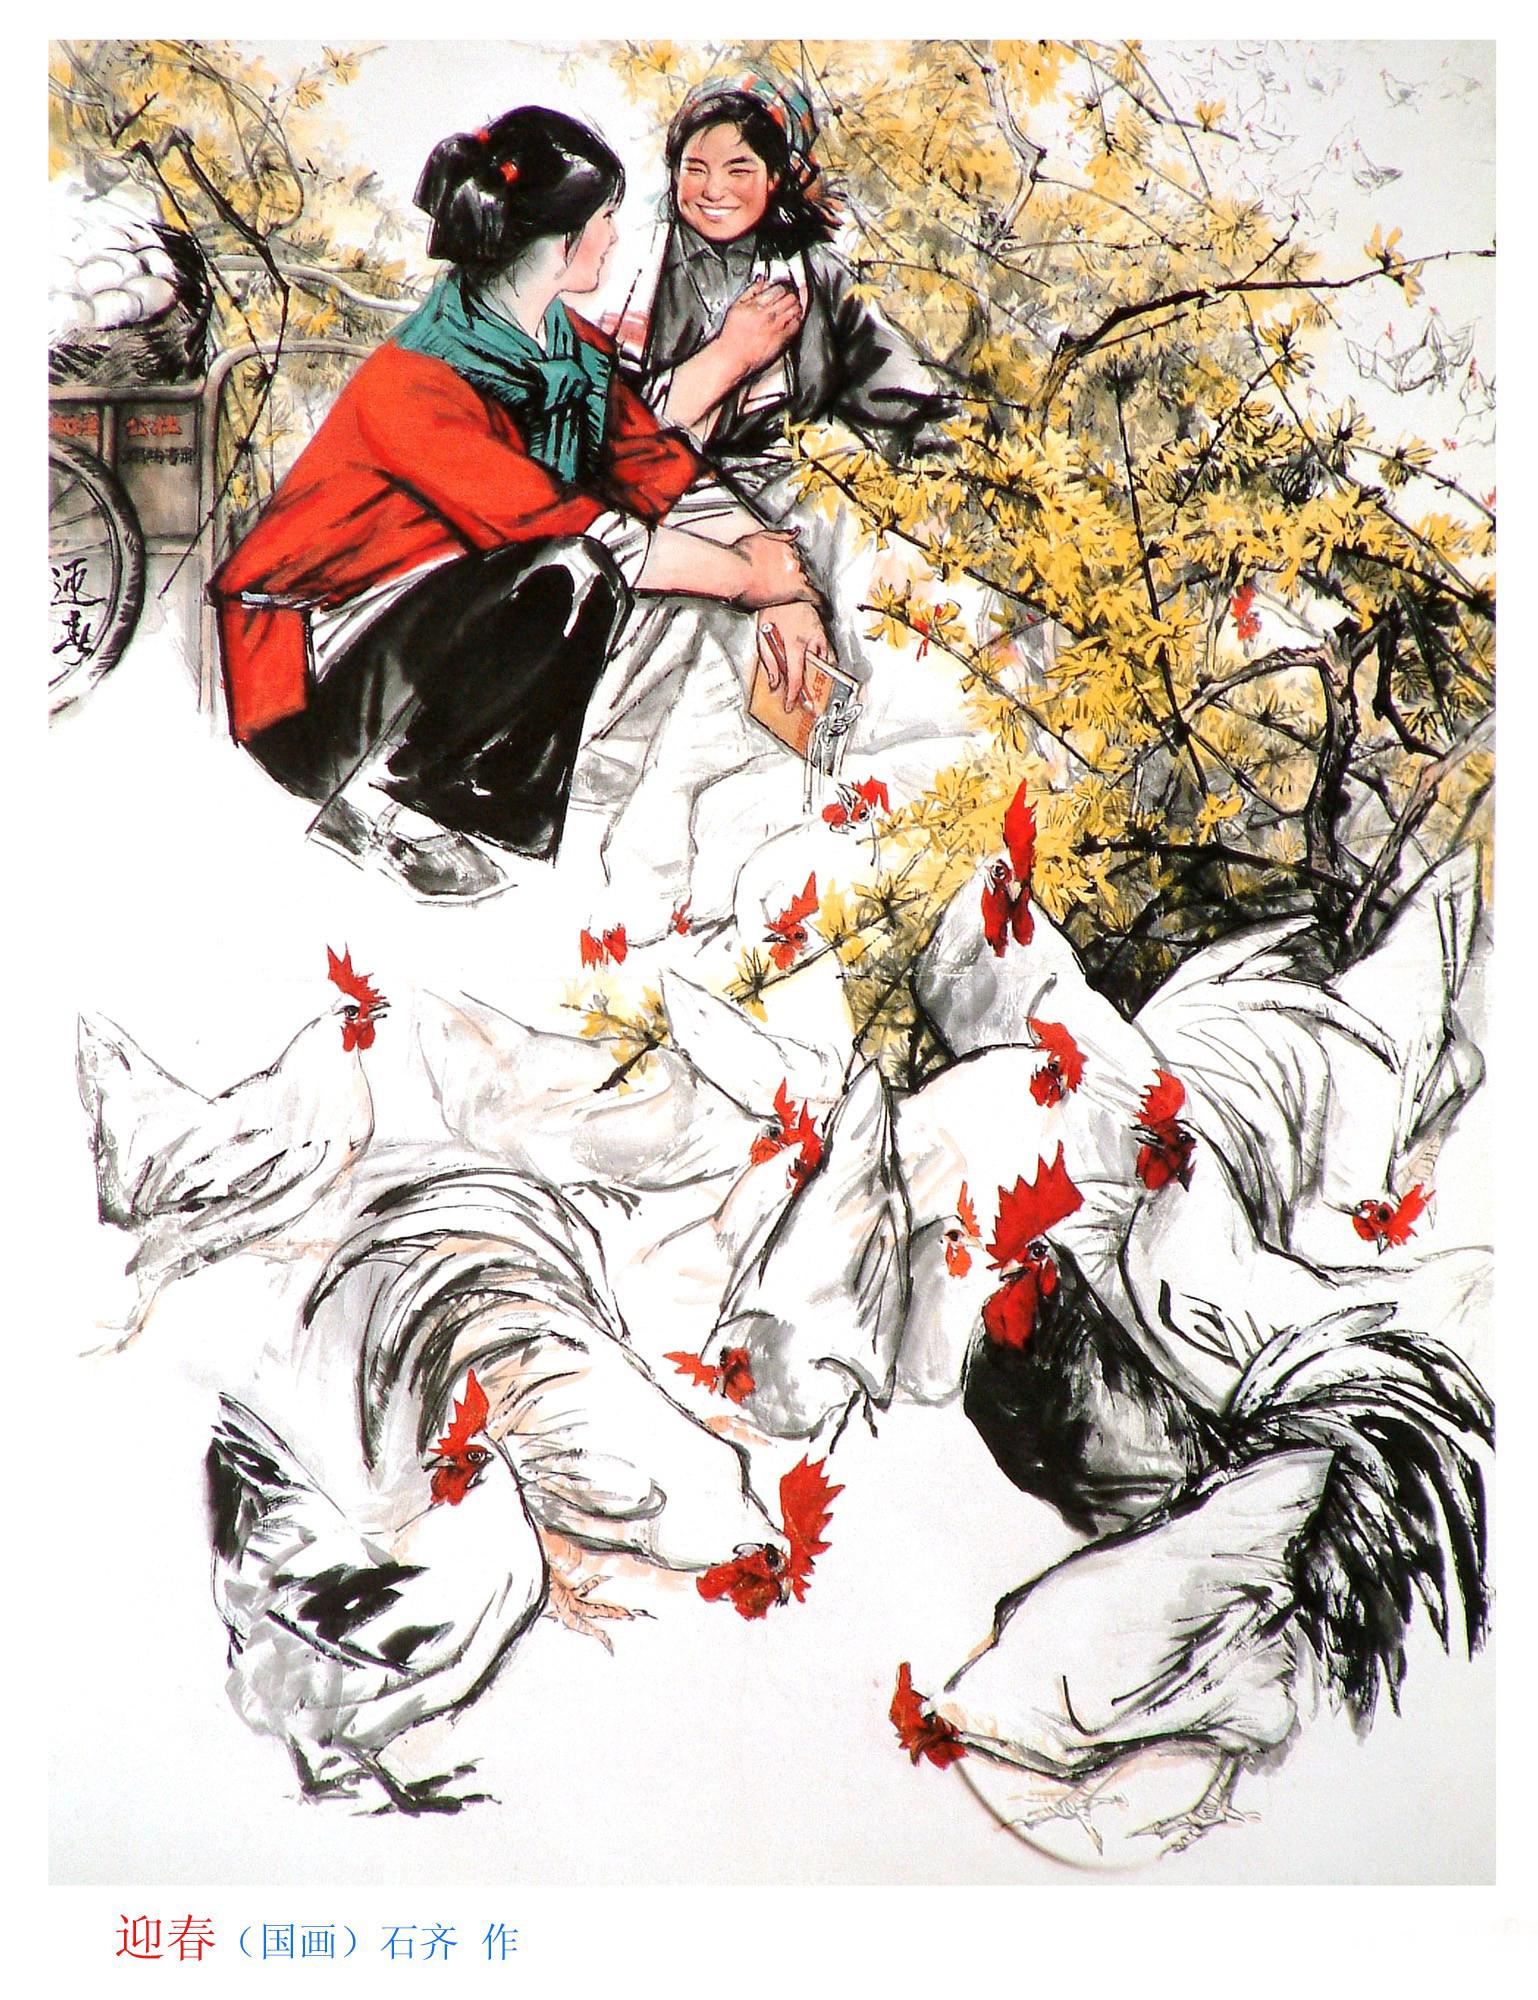 关于养鸡的农村题材画报